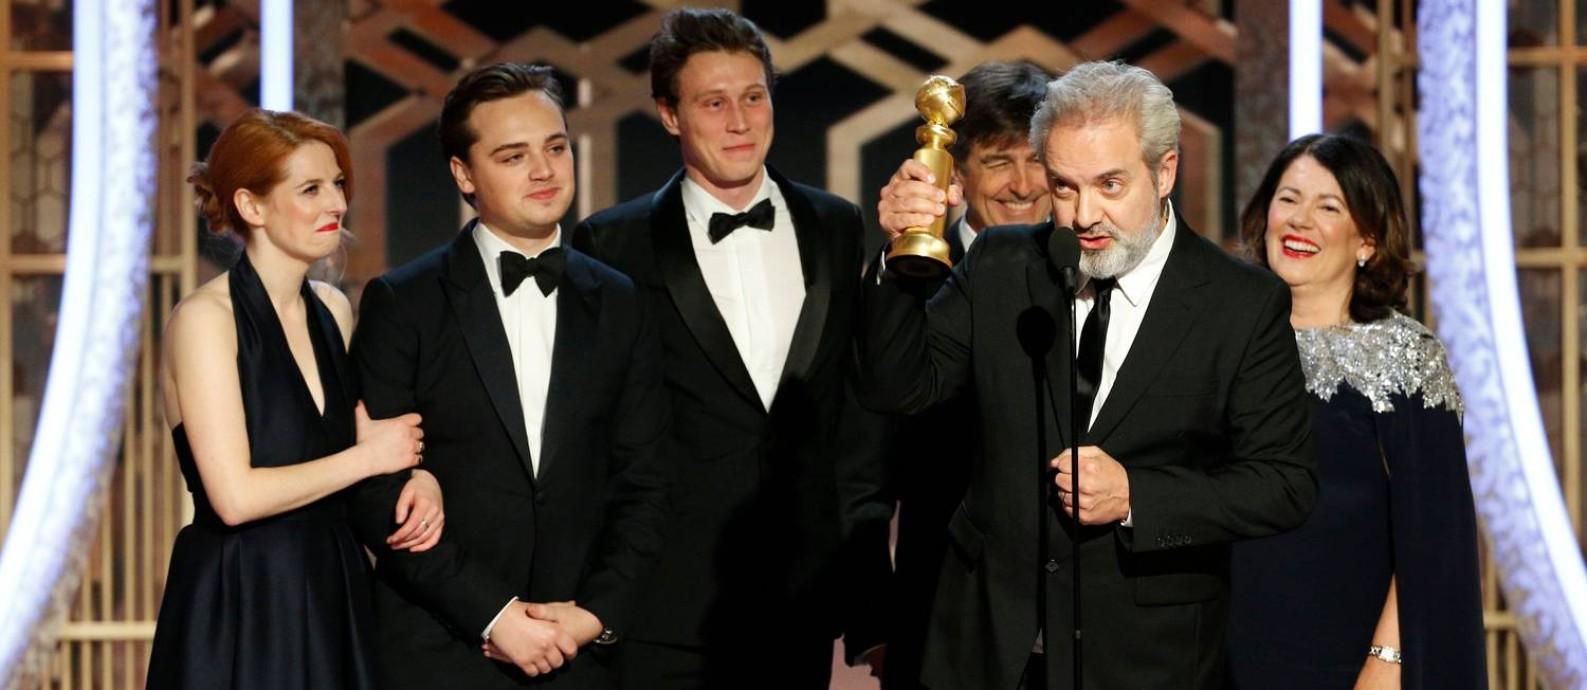 """O diretor Sam Mendes recebe o prêmio de melhor filme de drama por """"1917"""" na 77ª edição do Globo de Ouro Foto: HANDOUT / REUTERS"""